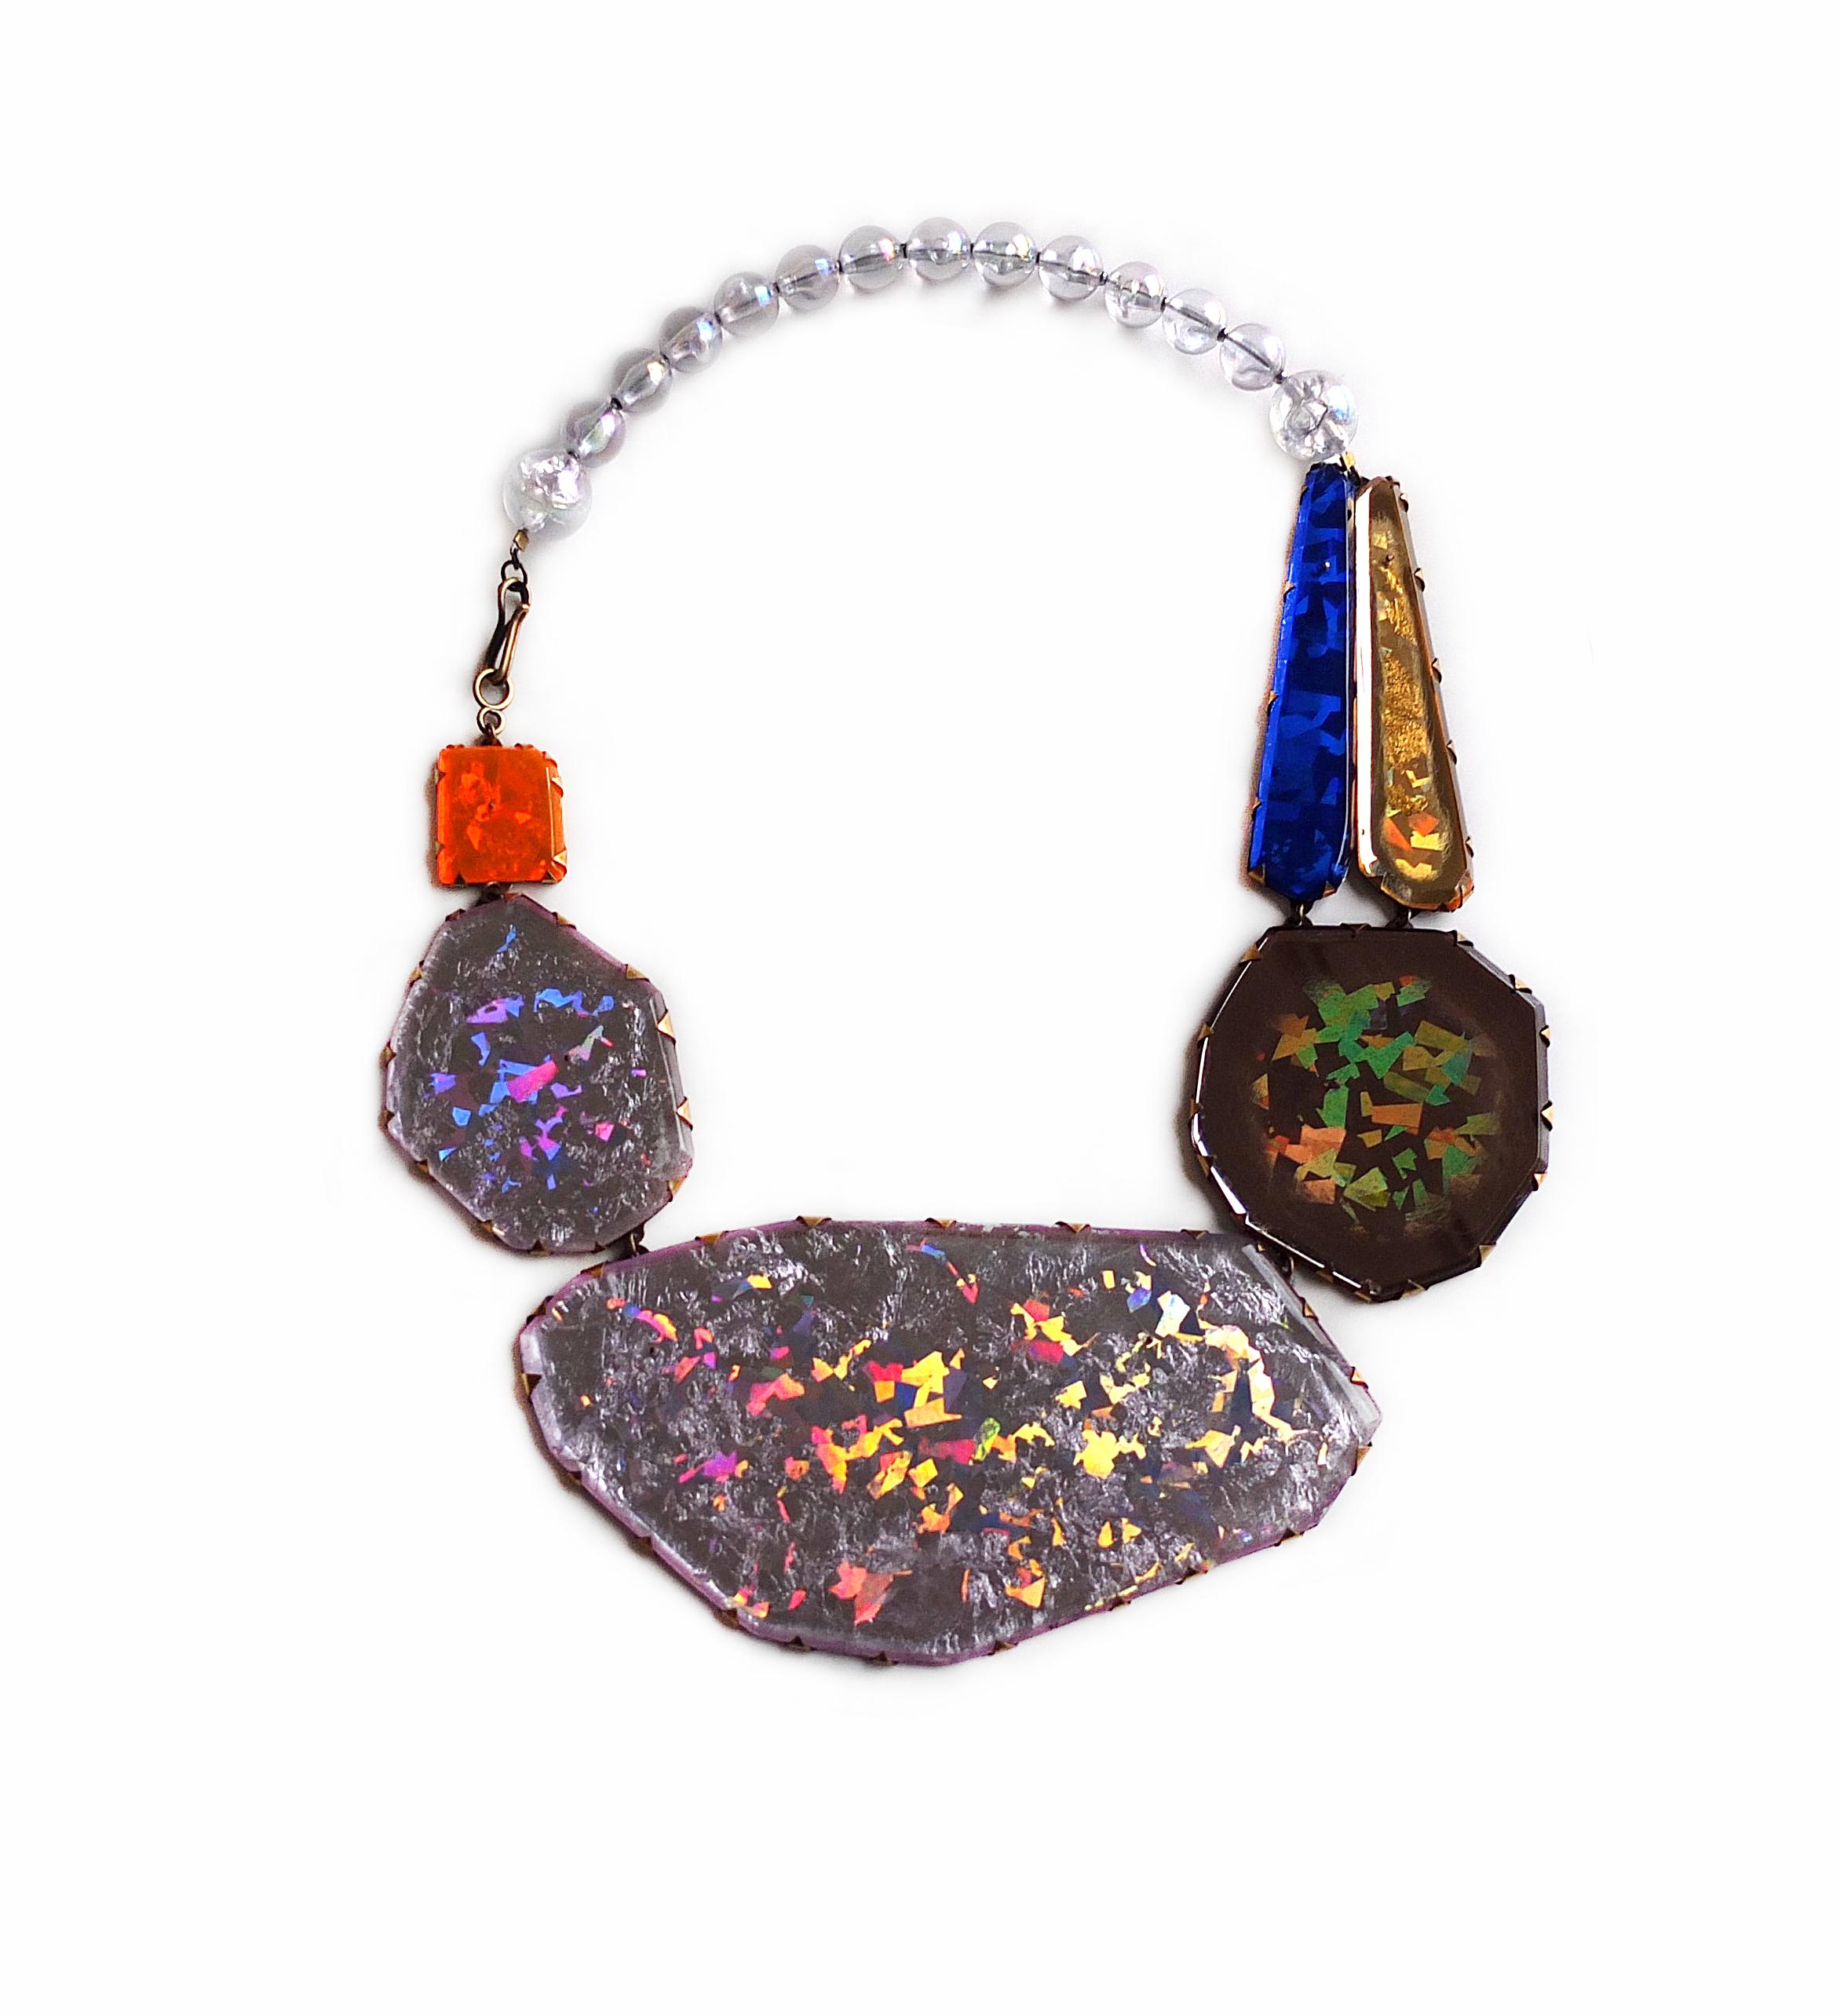 Nikki Couppee, Neogem Necklace, Plexiglass, brass, found objects